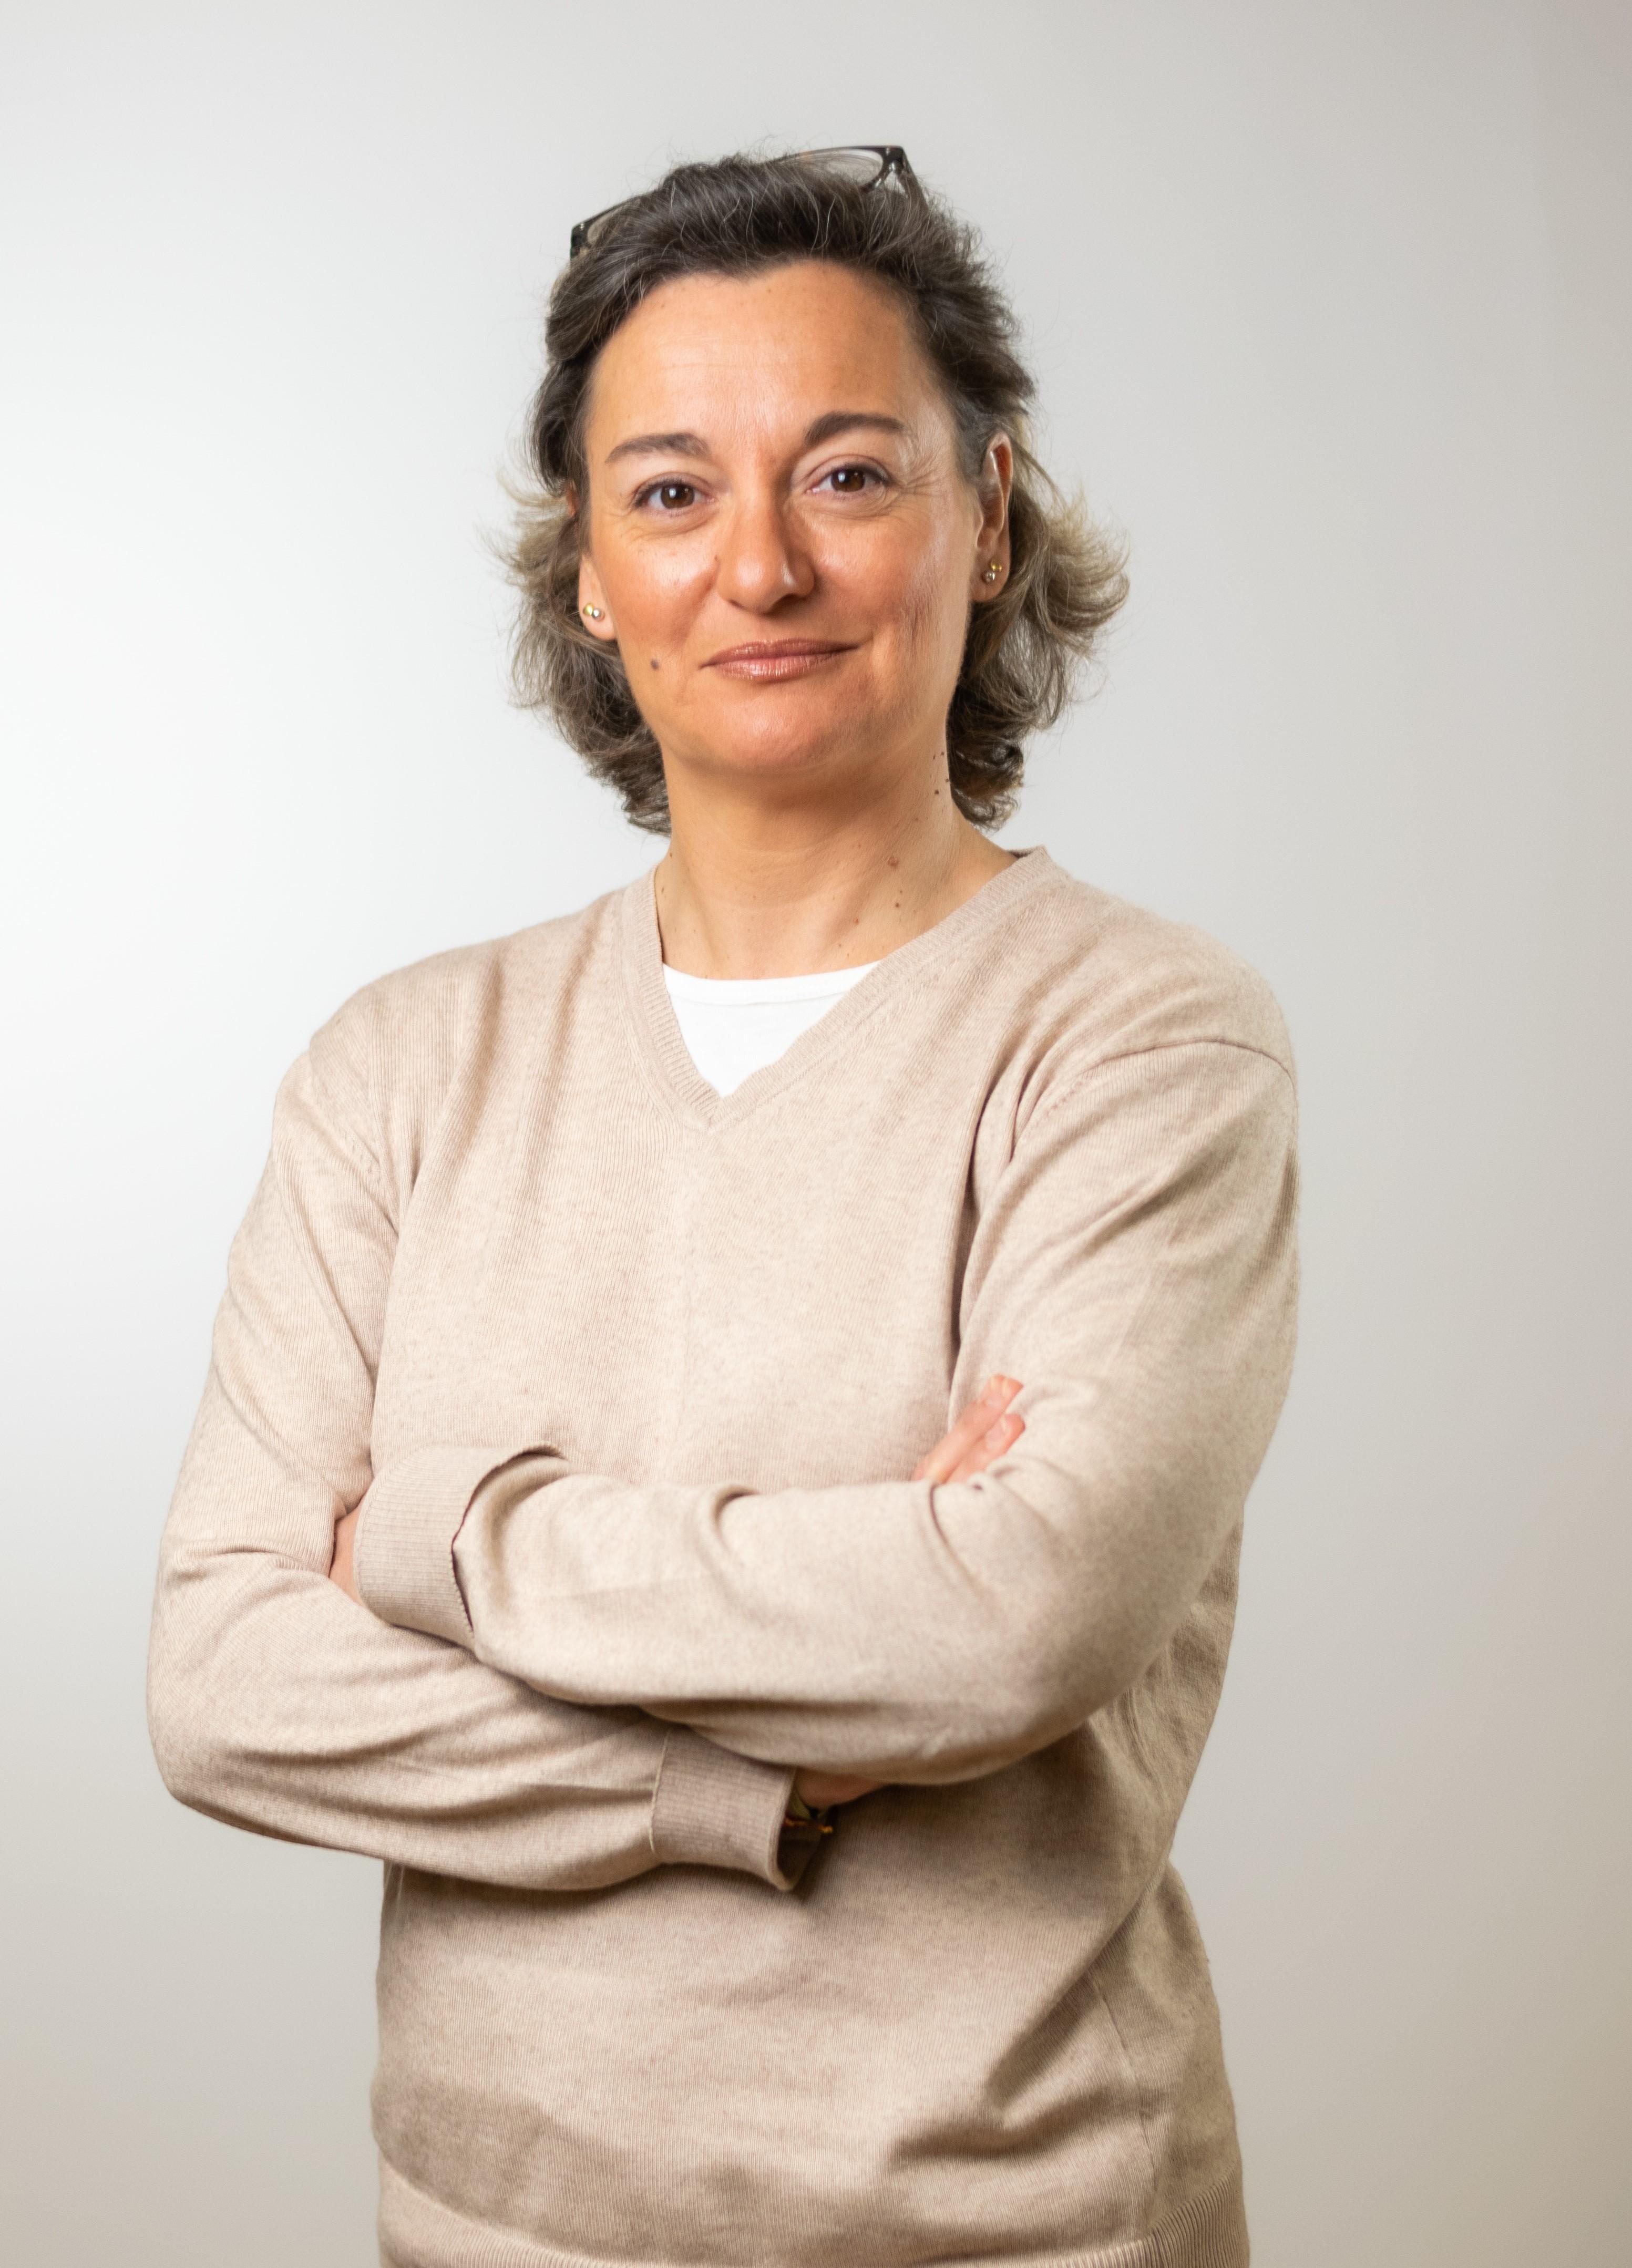 Alejandra Ruiz-Hermosilla Sobr